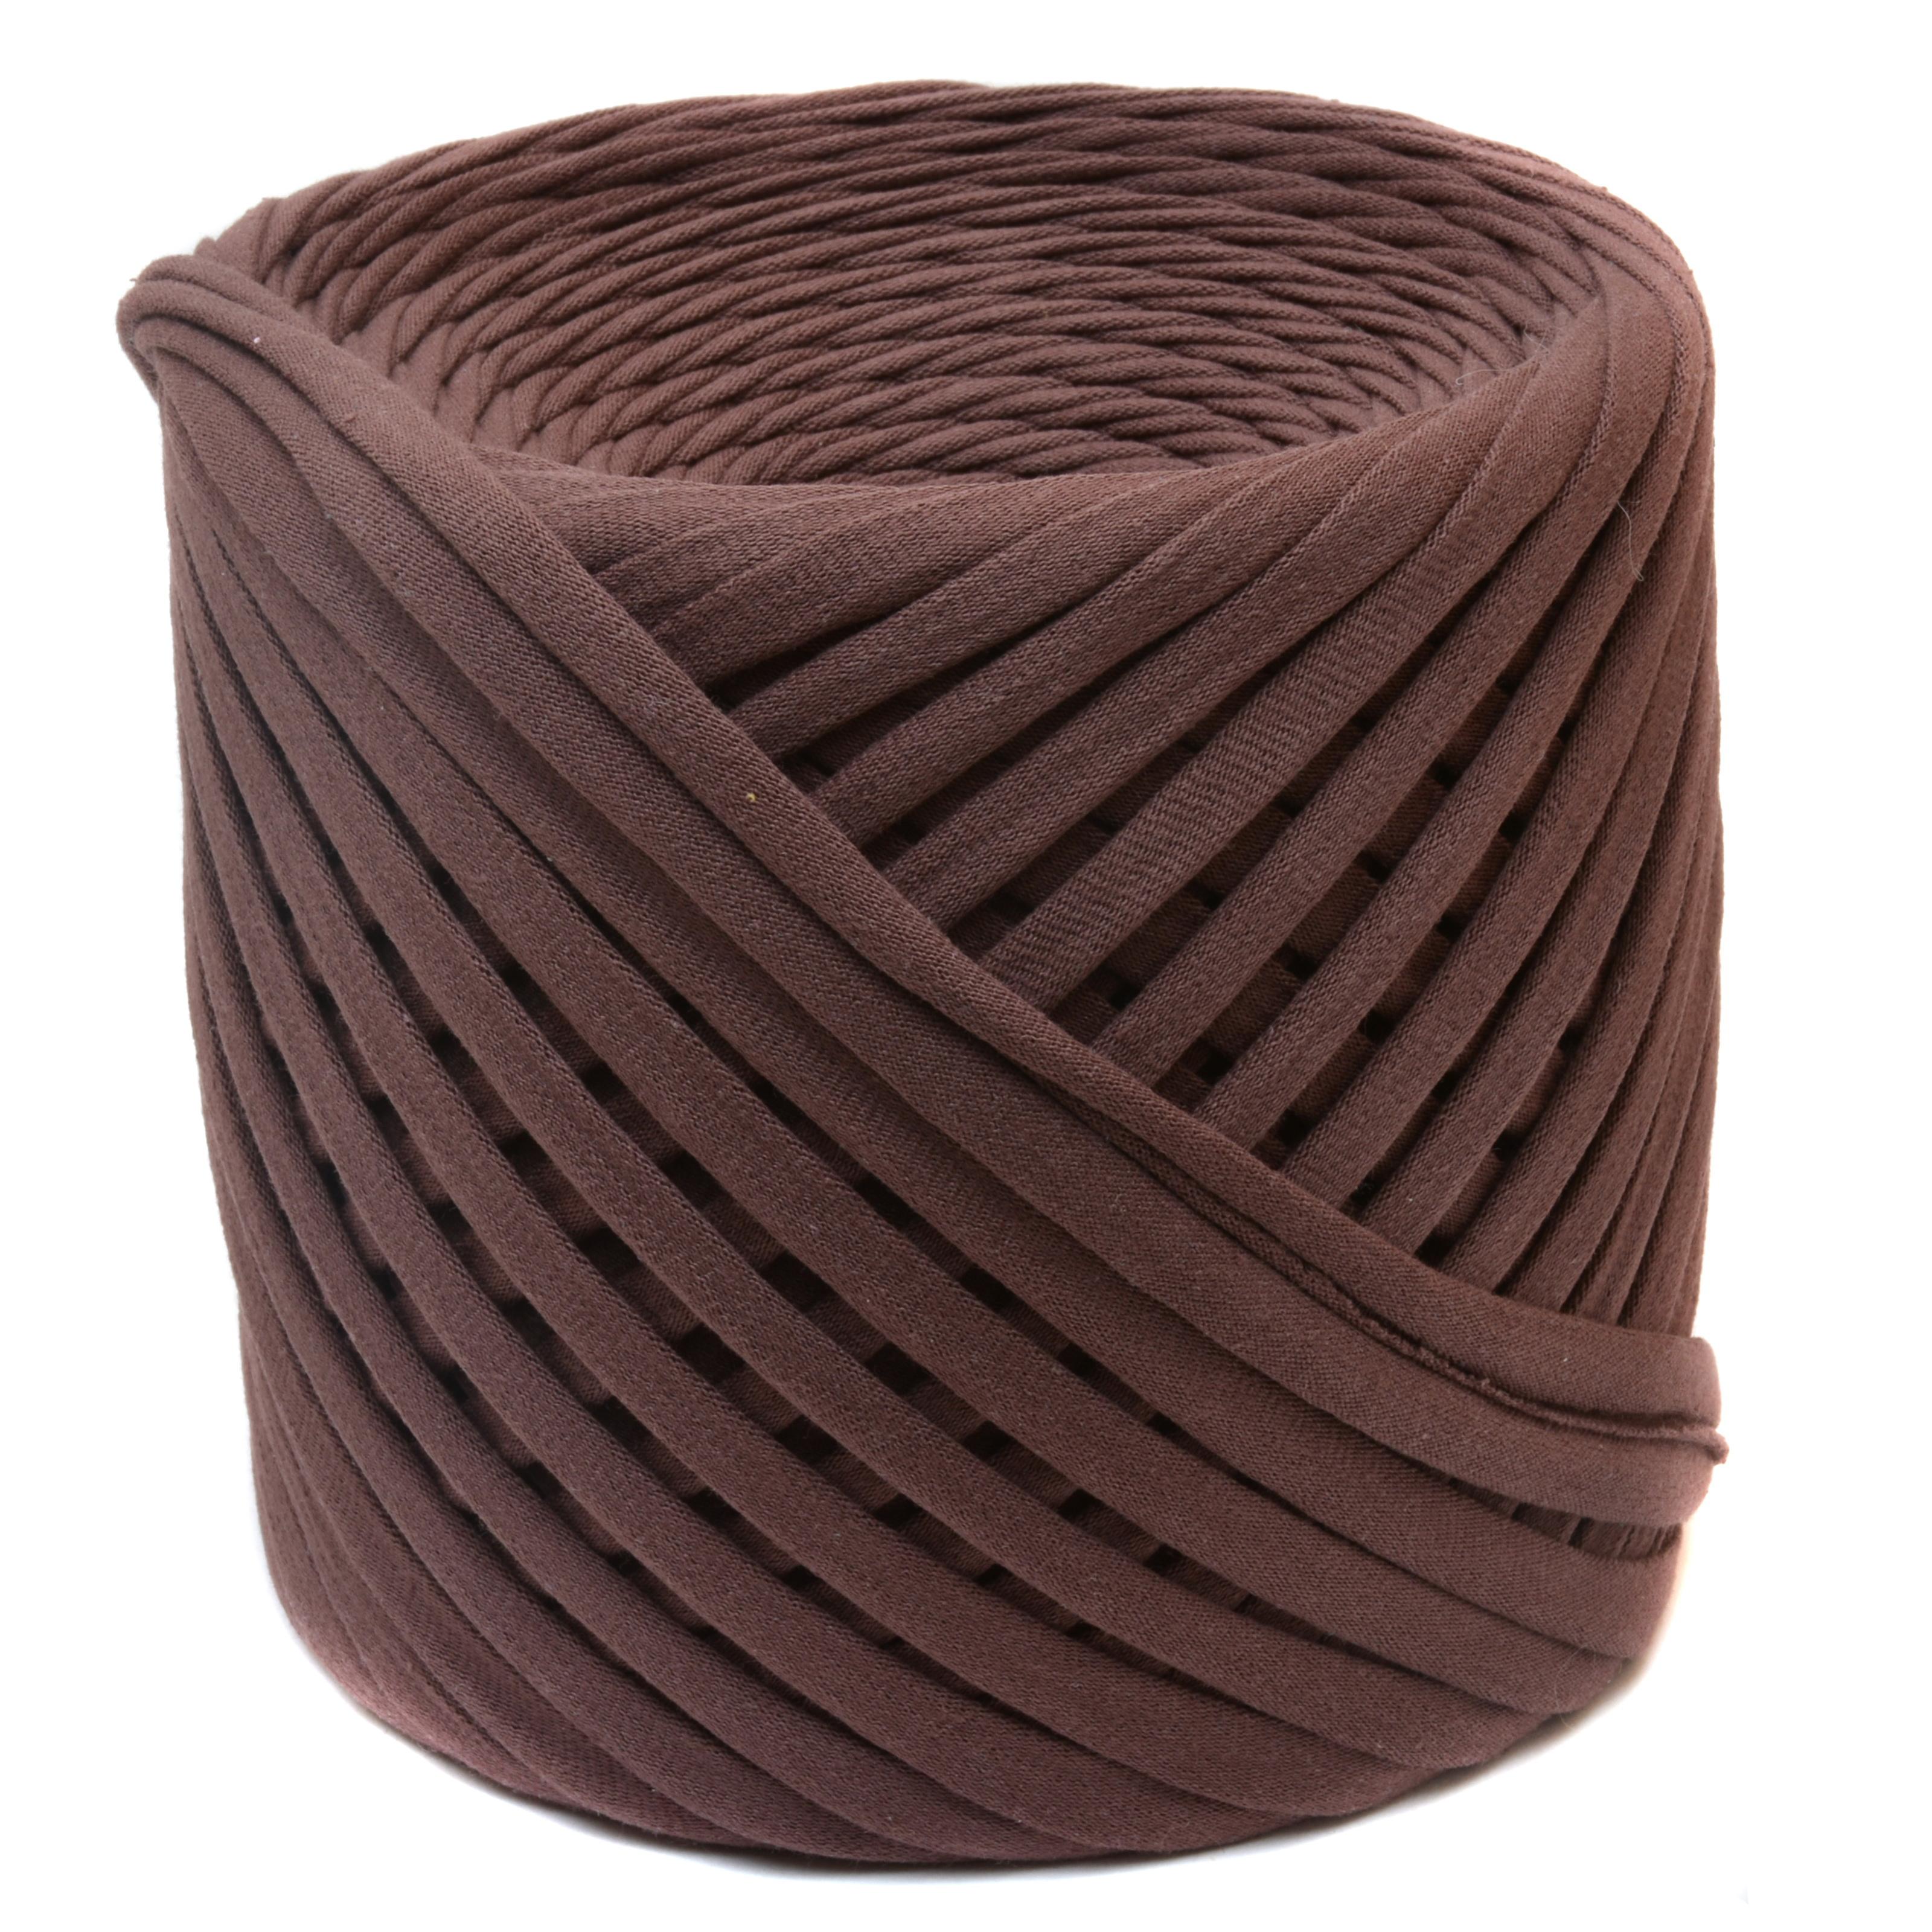 Трикотажная пряжа Saltera. Цвет Шоколад (61)